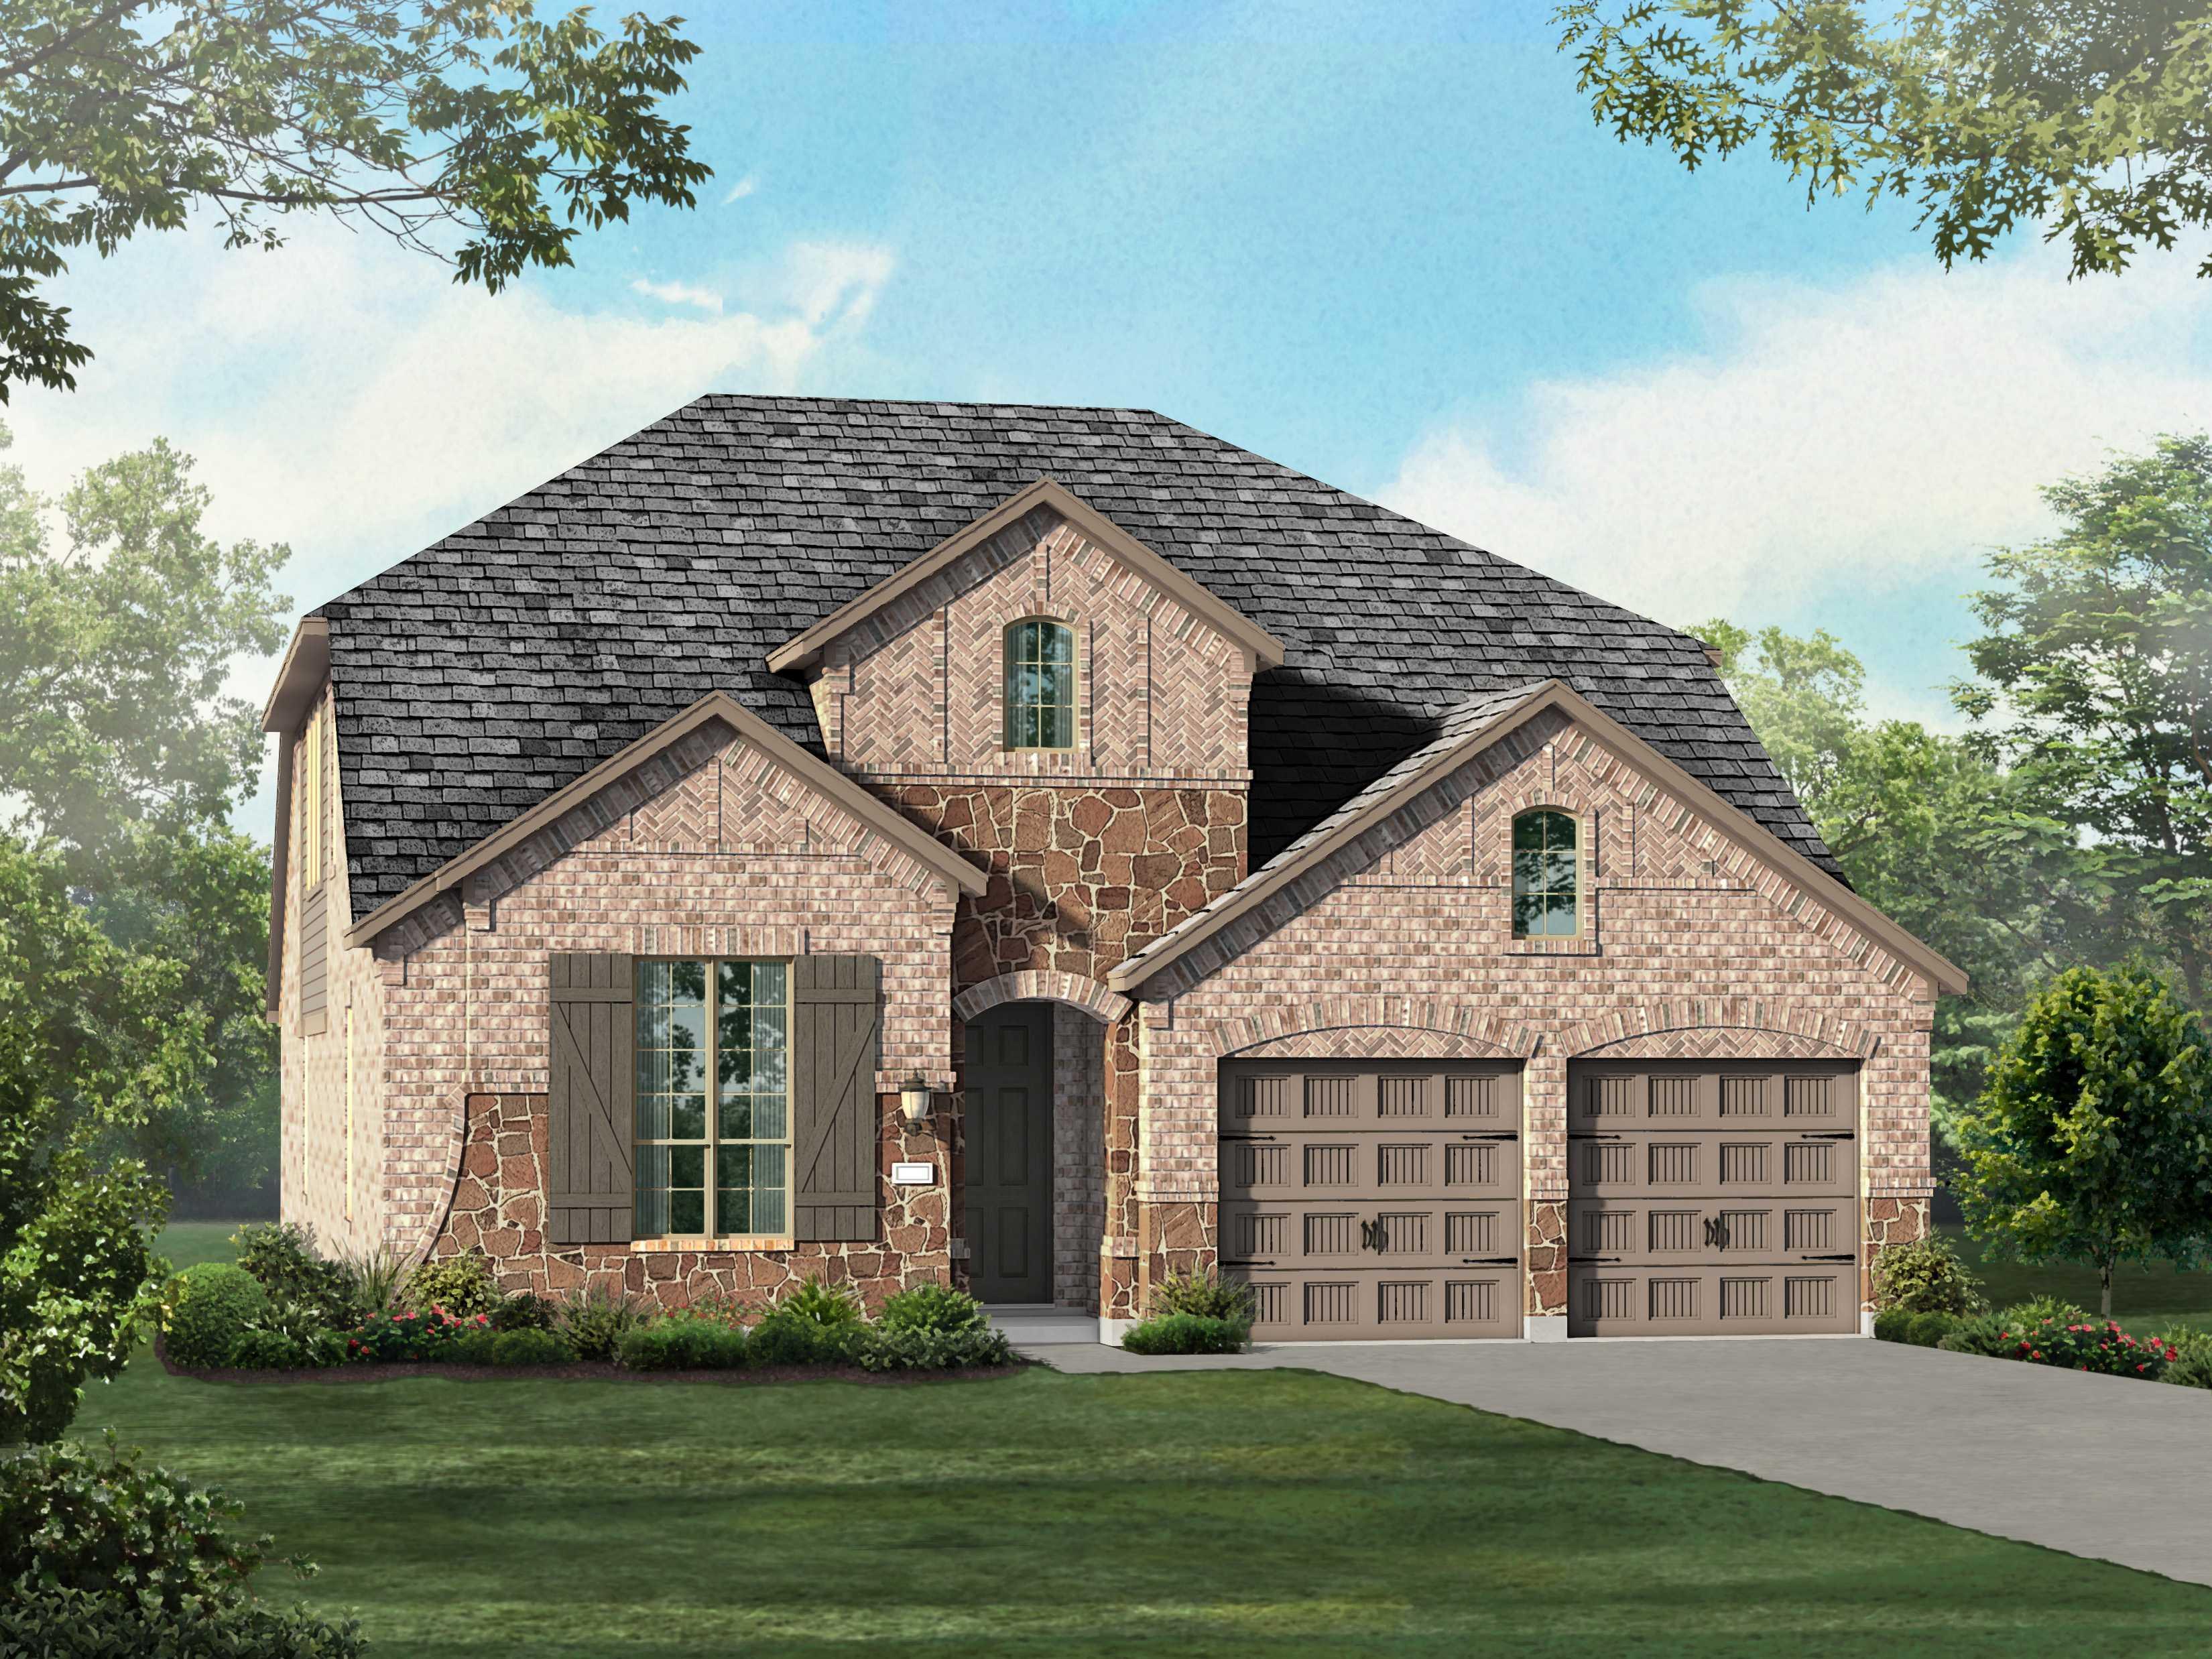 单亲家庭 为 销售 在 Star Trail - Plan 557 H 940 Shooting Star Prosper, Texas 75078 United States